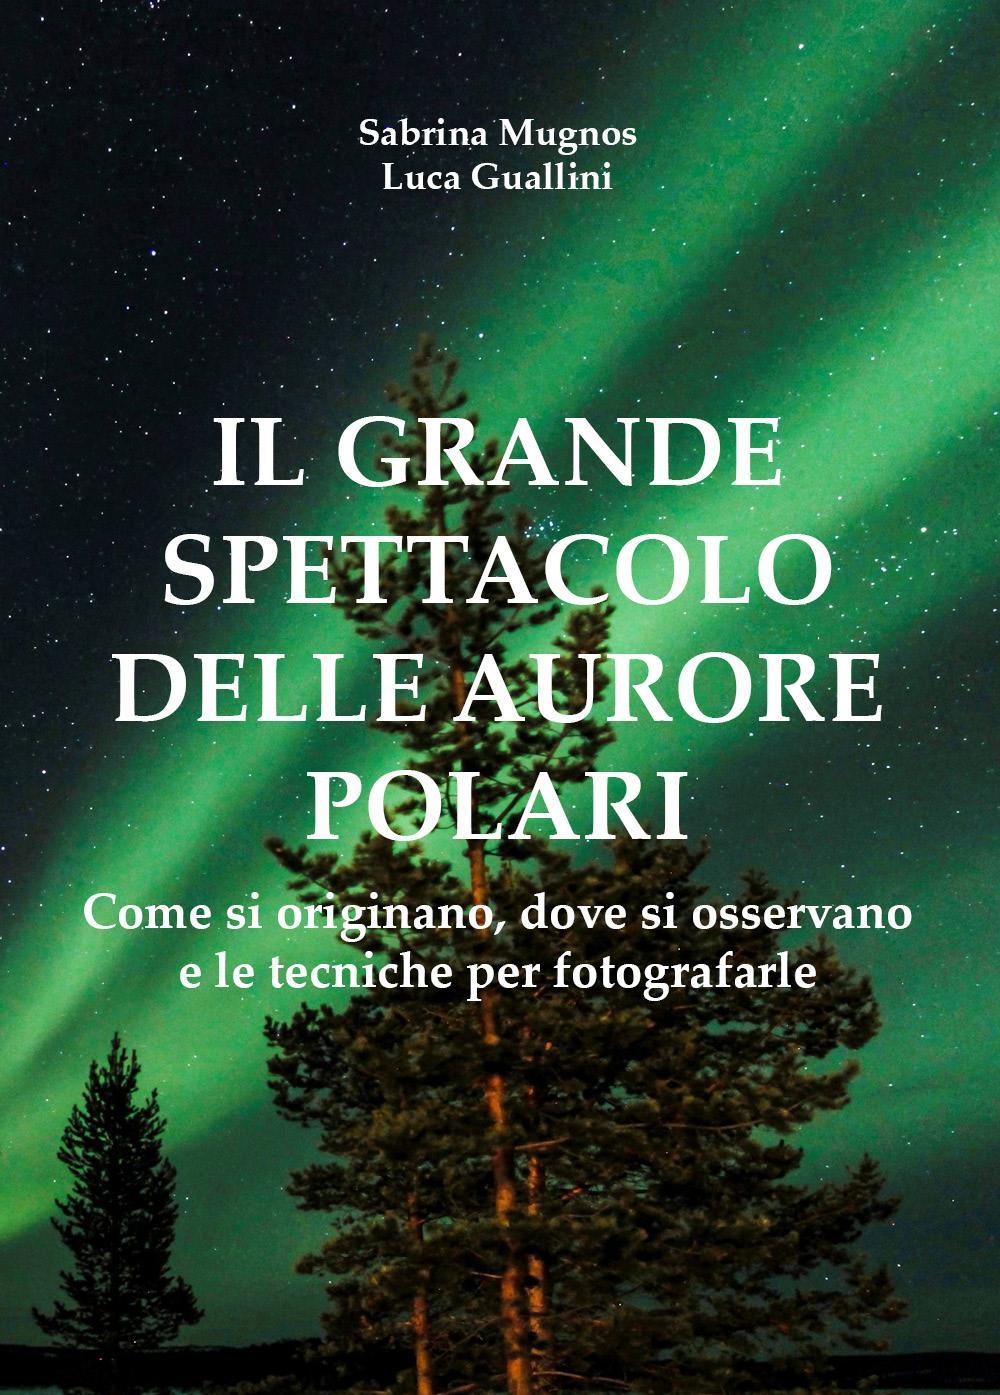 Il grande spettacolo delle aurore polari -  Come si formano, dove si osservano e le tecniche per fotografarle